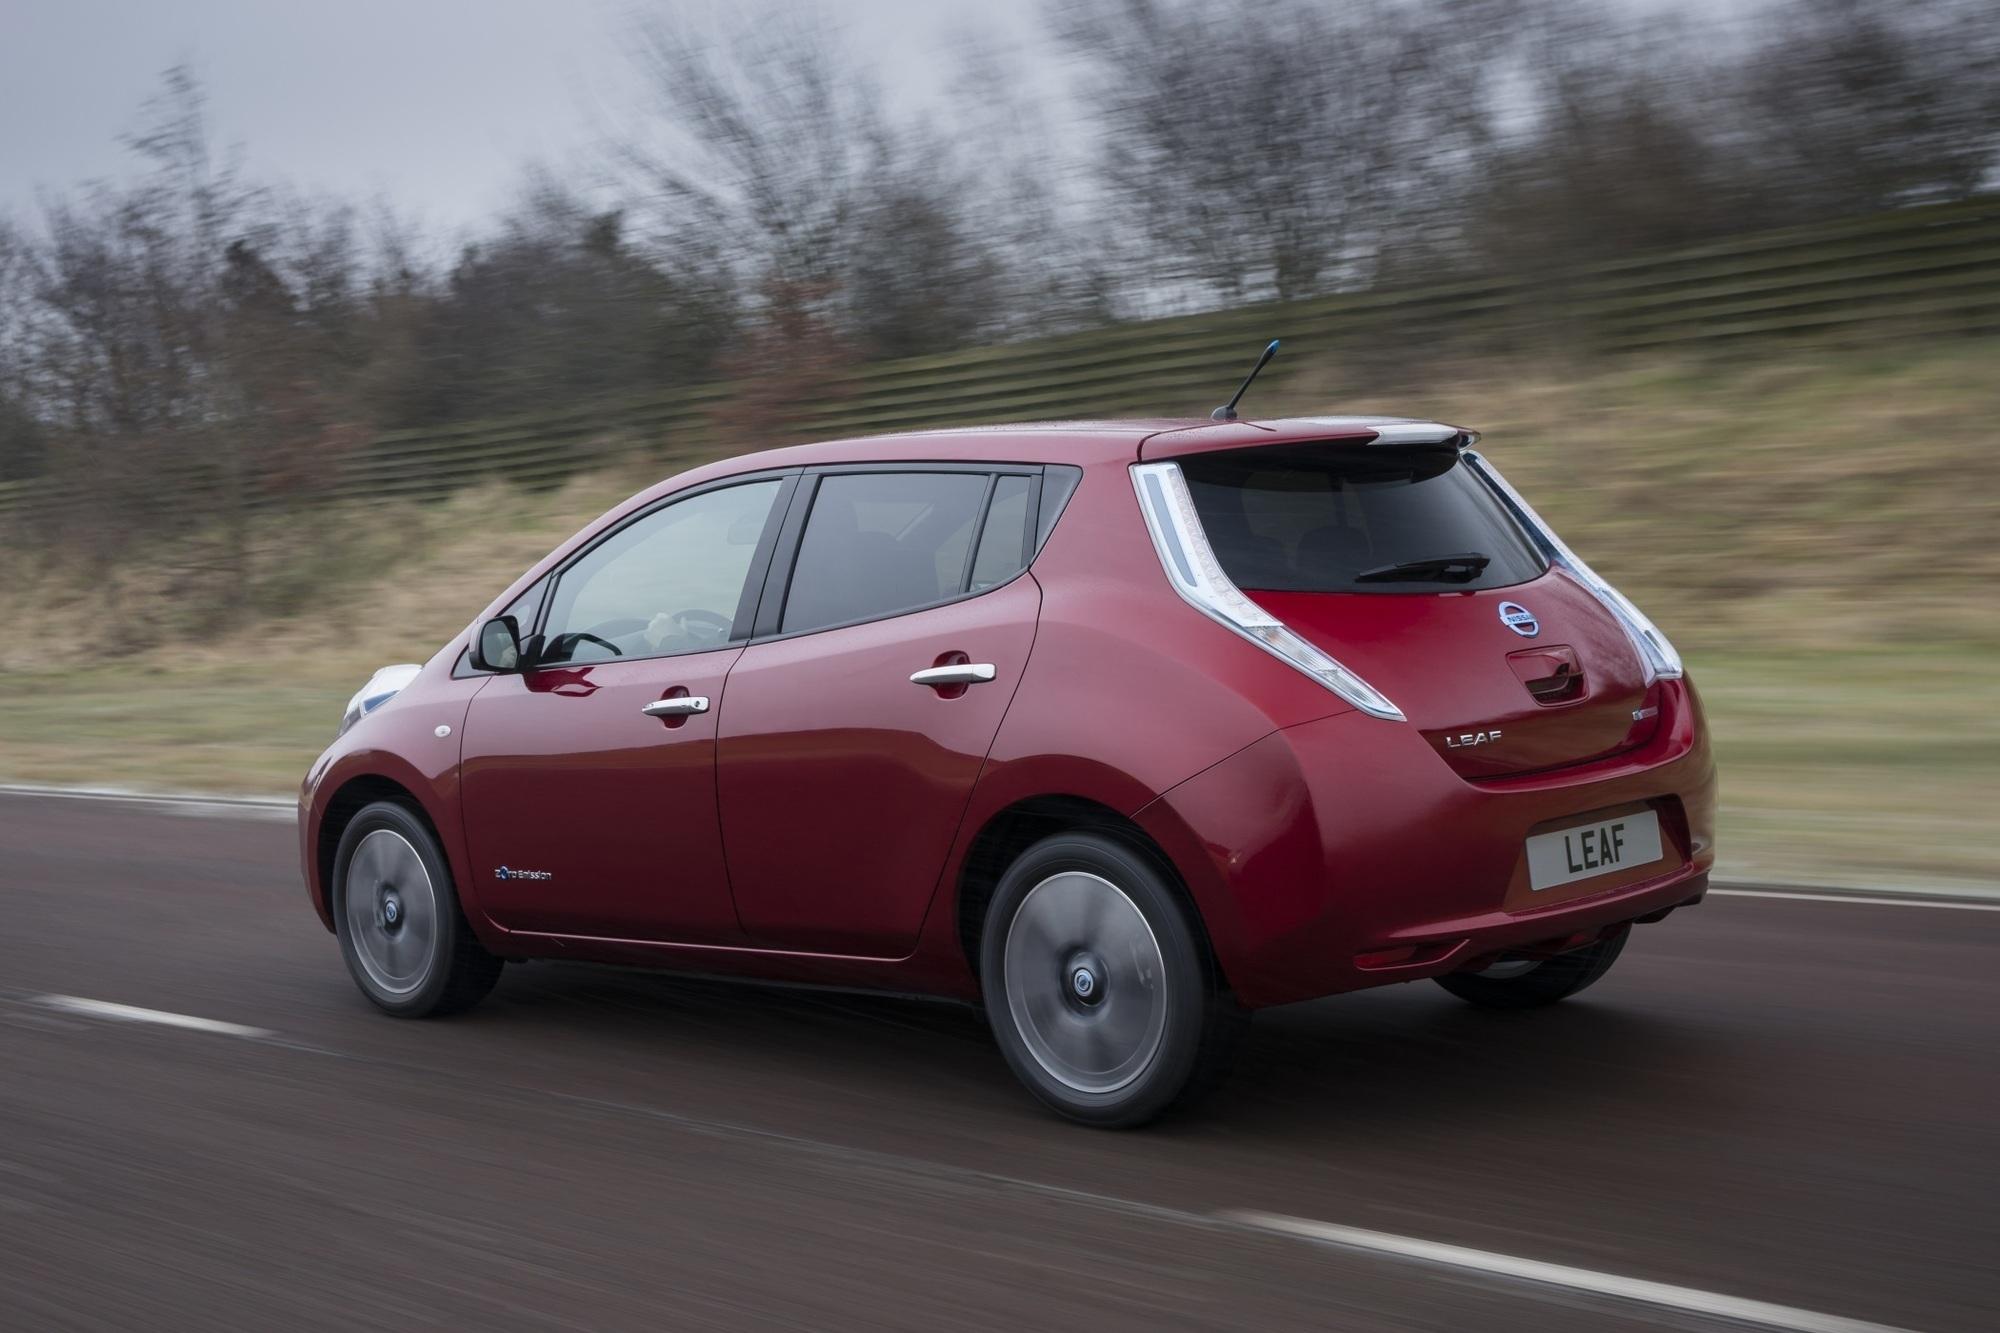 Panorama: Langstreckenfahrt mit dem Nissan Leaf - Lautlose Horizont-Erweiterung